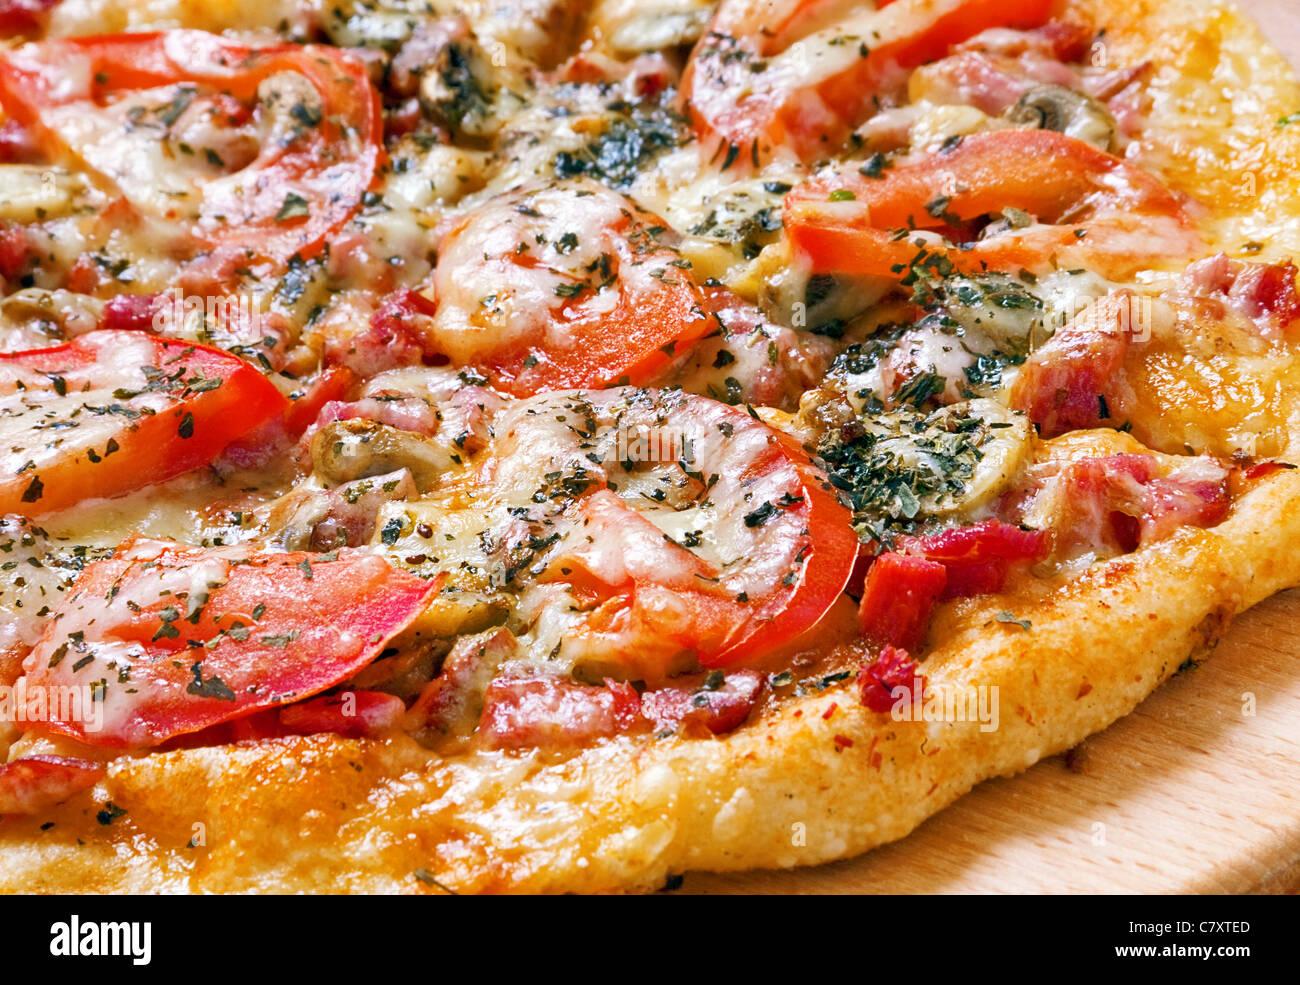 Fast food pizza à la tomate et fromage libre Photo Stock